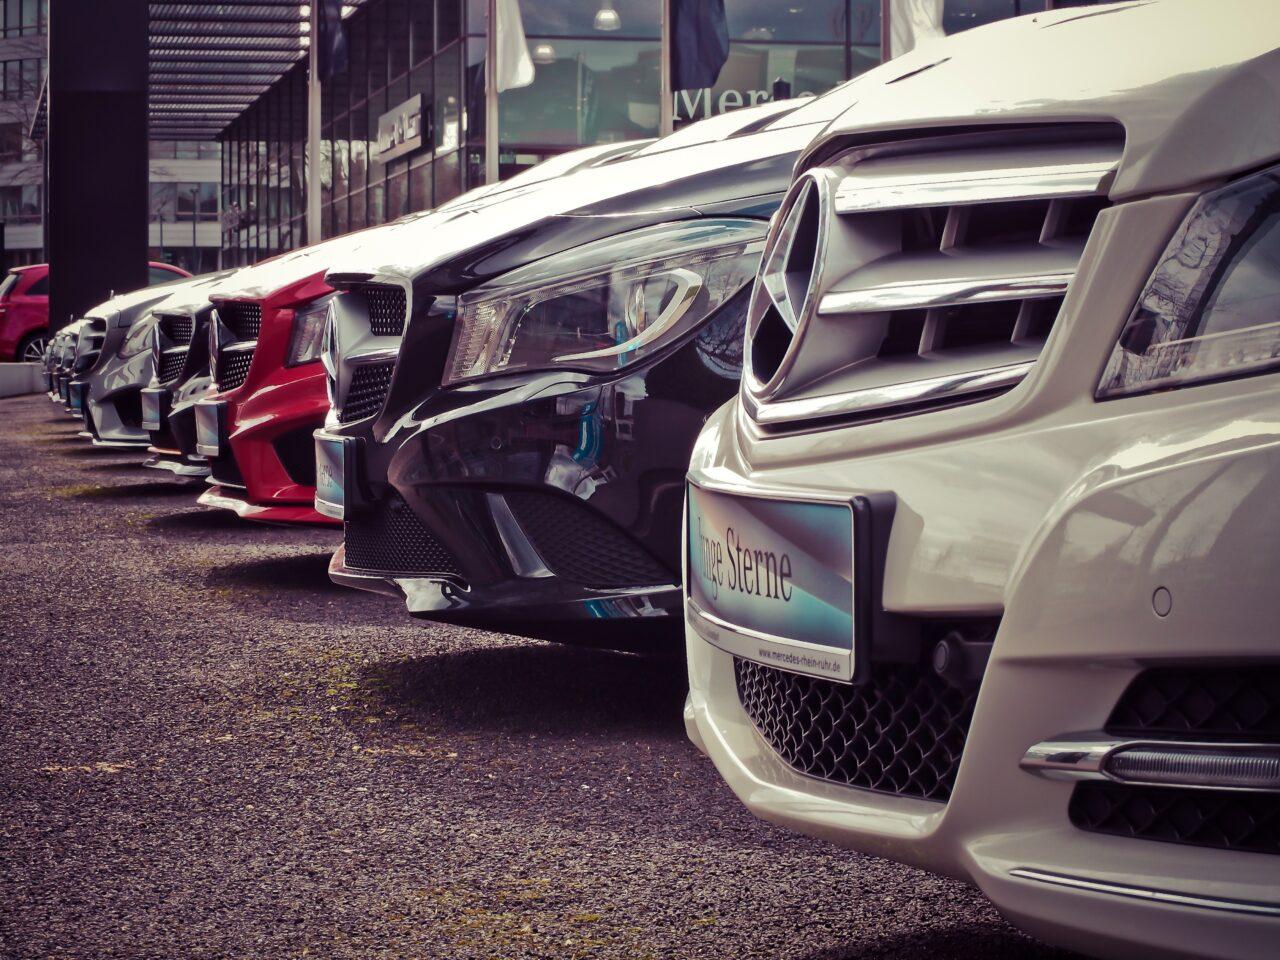 Preguntas frecuentes sobre el alquiler de vehículos